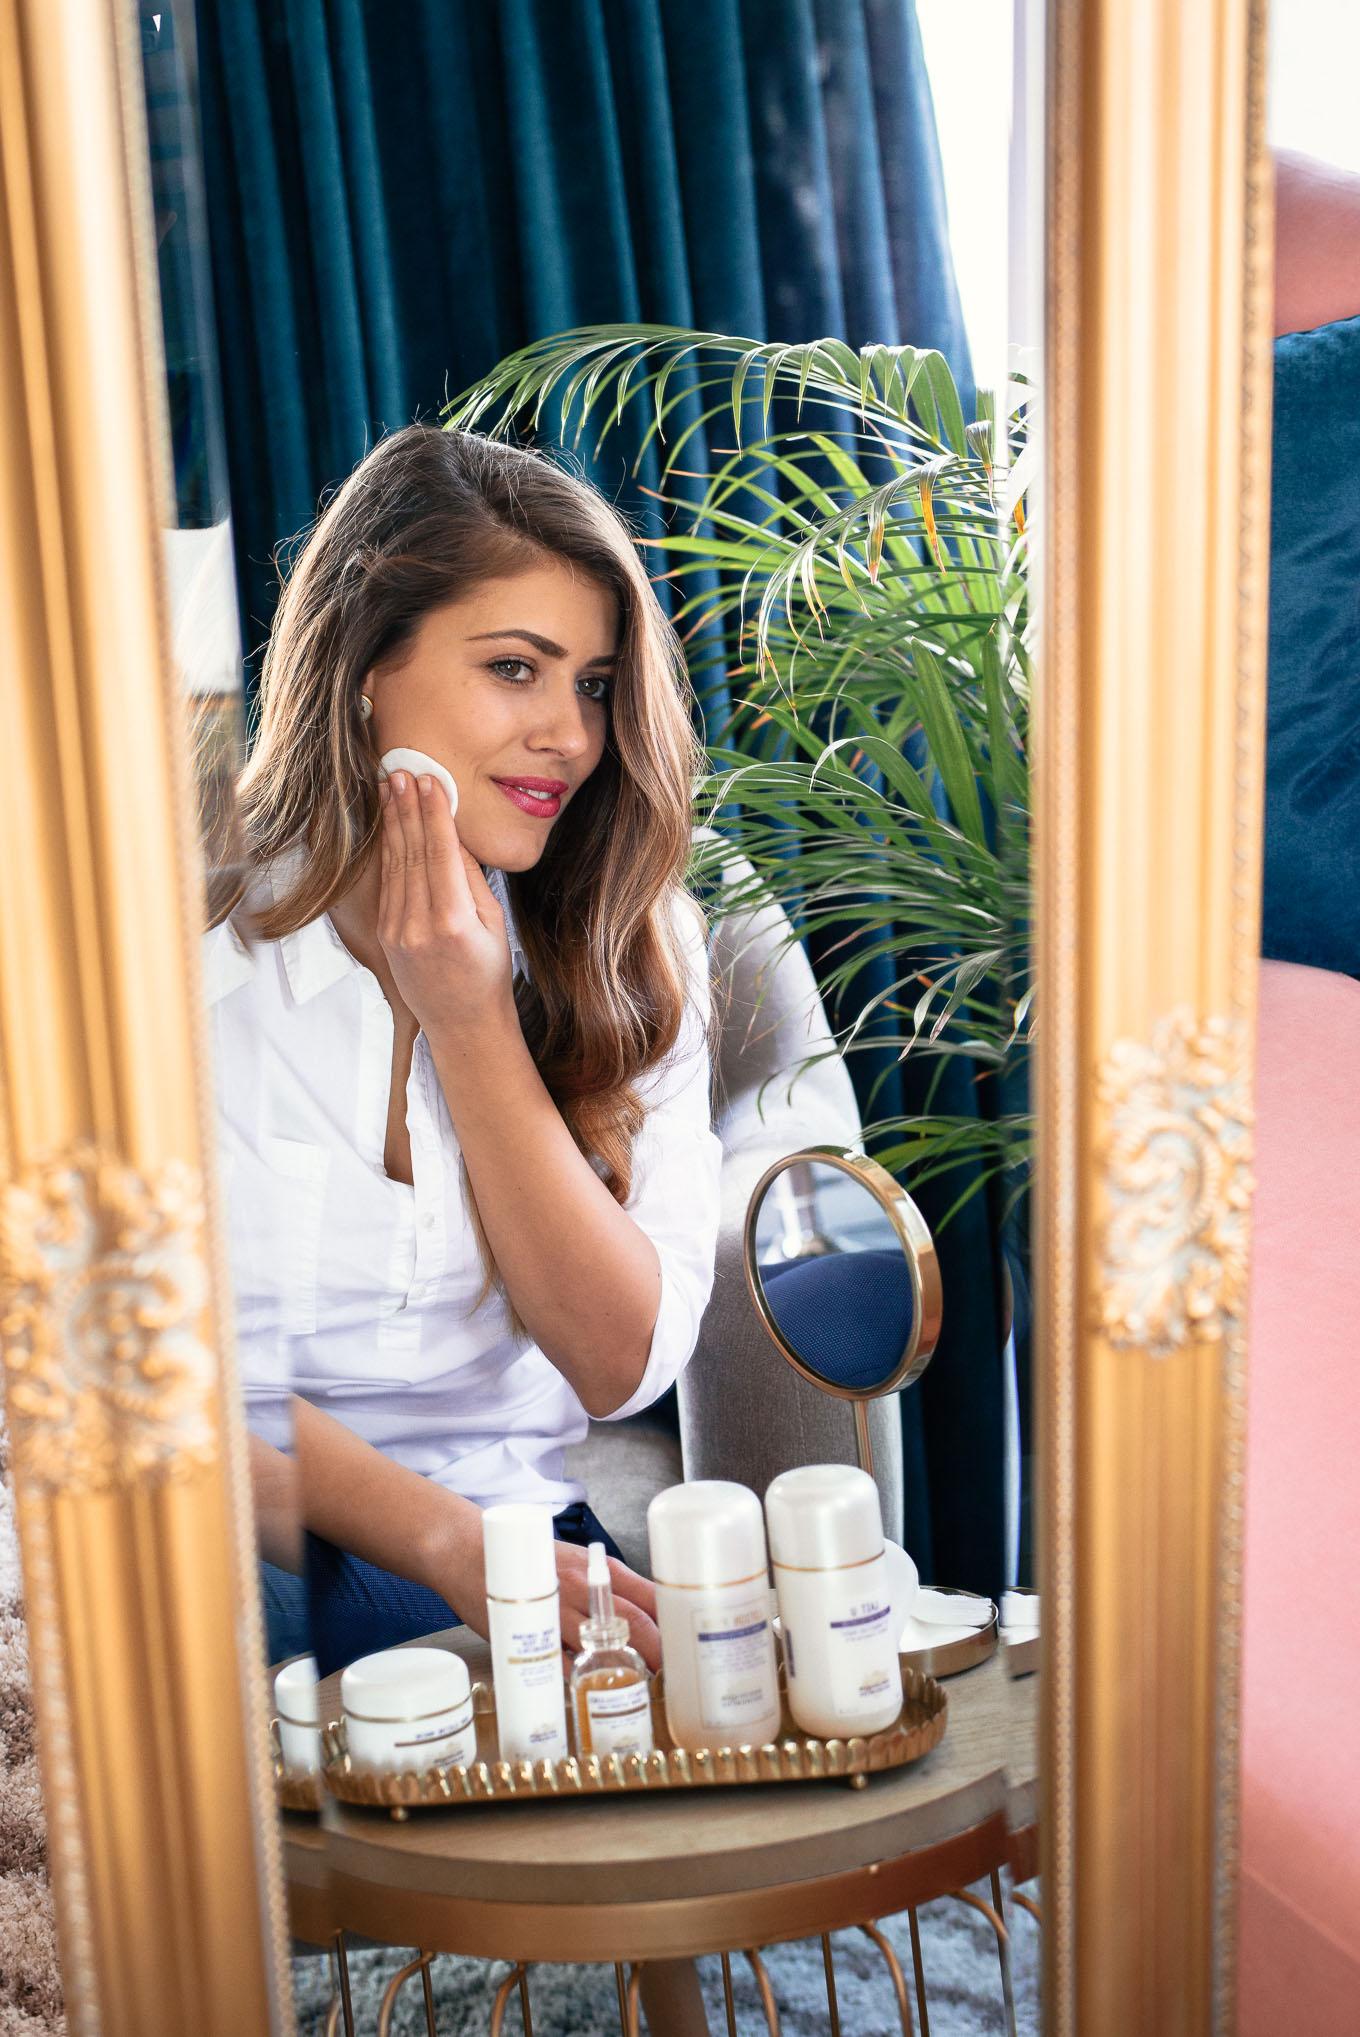 Skin care with biologique recherche paris 2019 trend